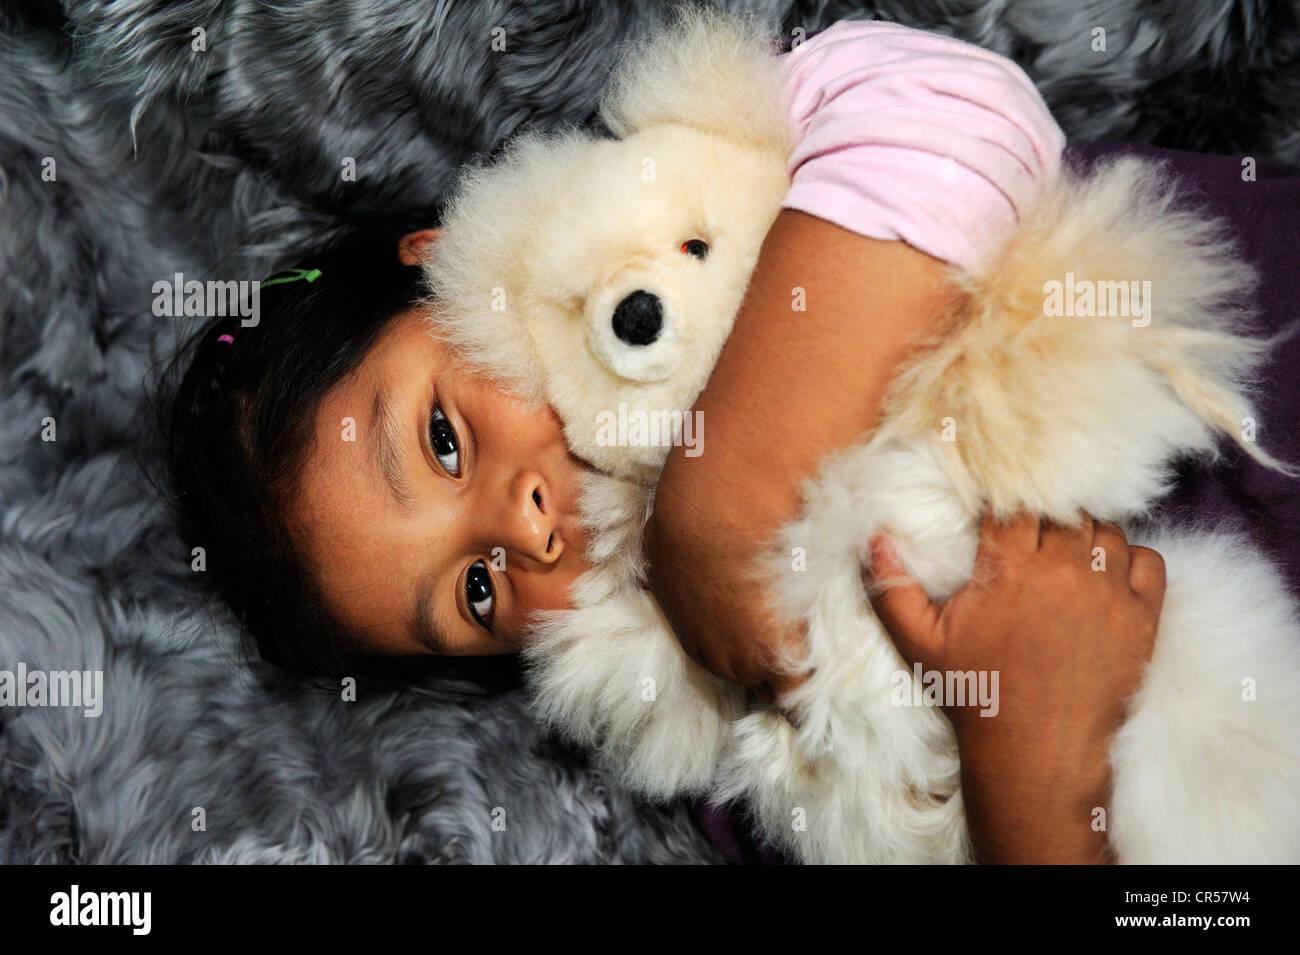 Ragazza con indigeni caratteristiche facciali che abbraccia un orsacchiotto di peluche, produzione di giocattoli Immagini Stock